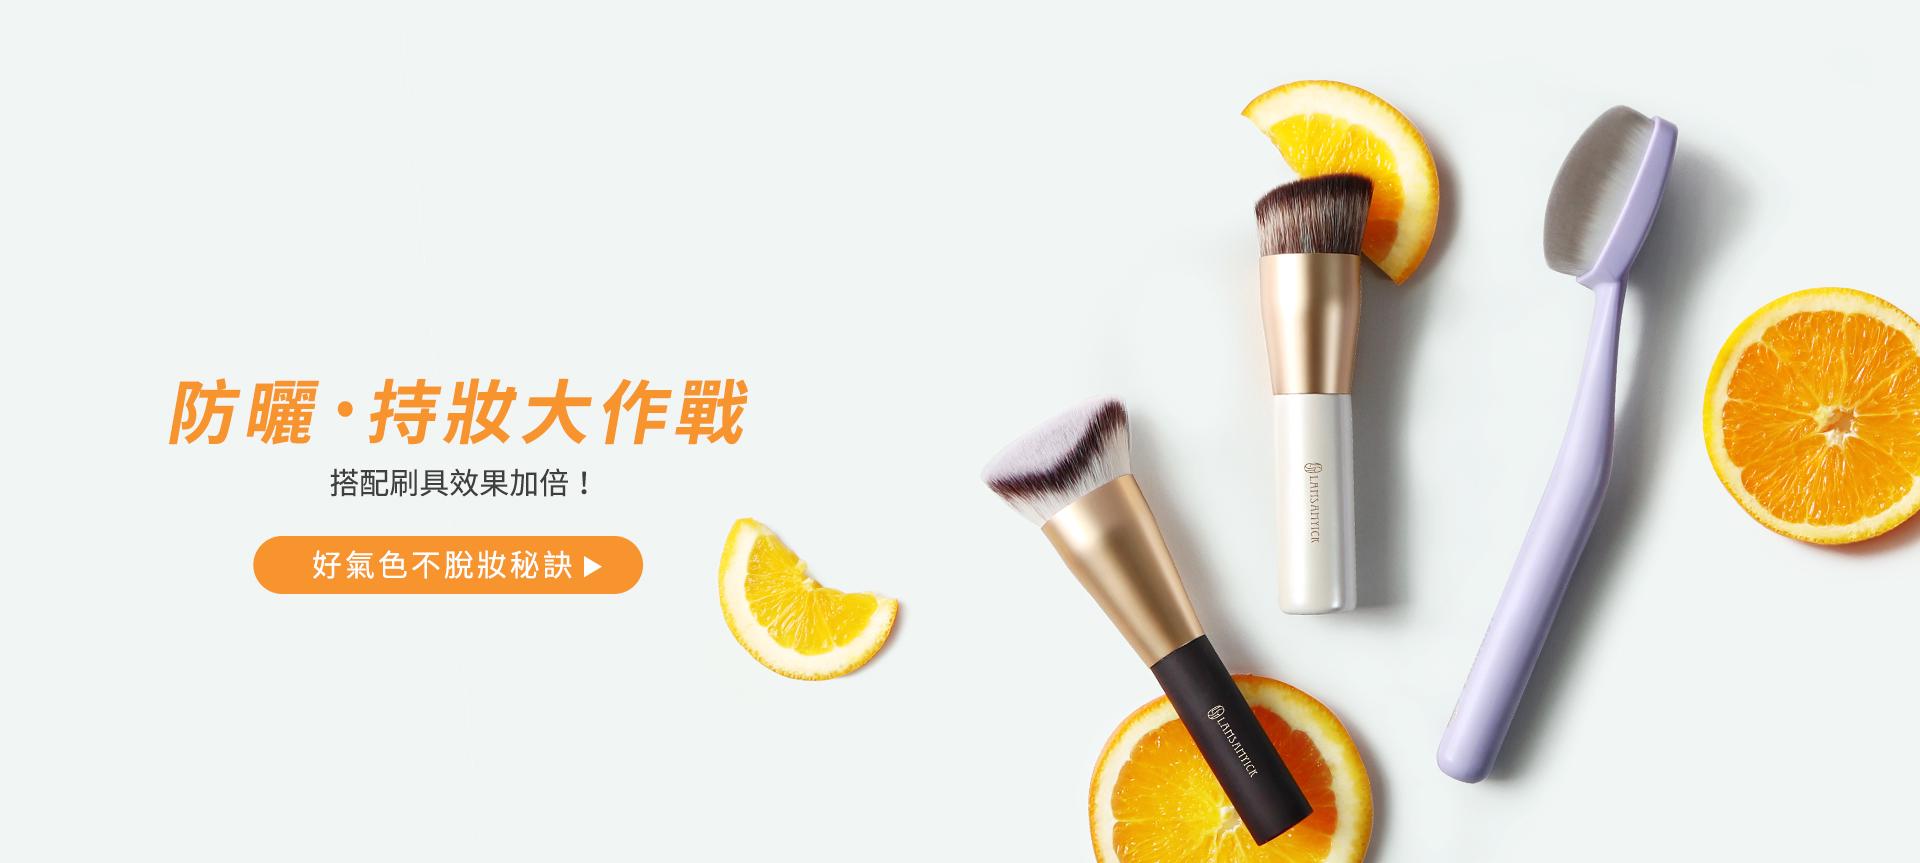 (0628夏日防曬)萬用粉底刷、防曬持妝大作戰